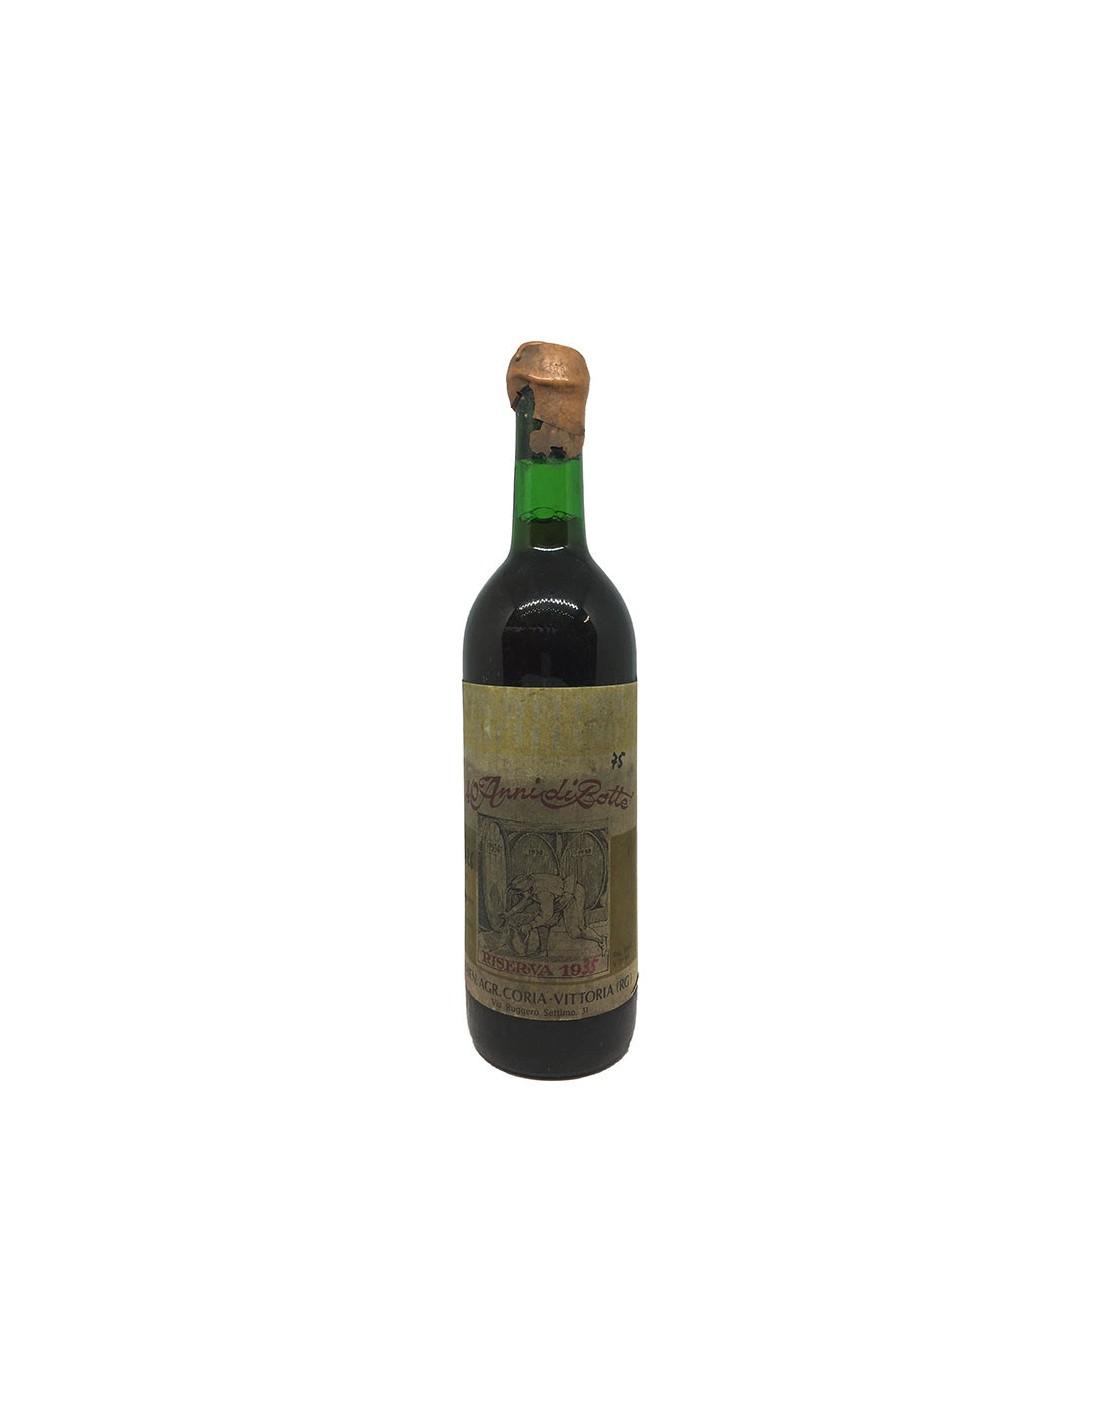 STRAVECCHIO SICILIANO RISERVA 1935 AZIENDA AGRICOLA CORIA Grandi Bottiglie